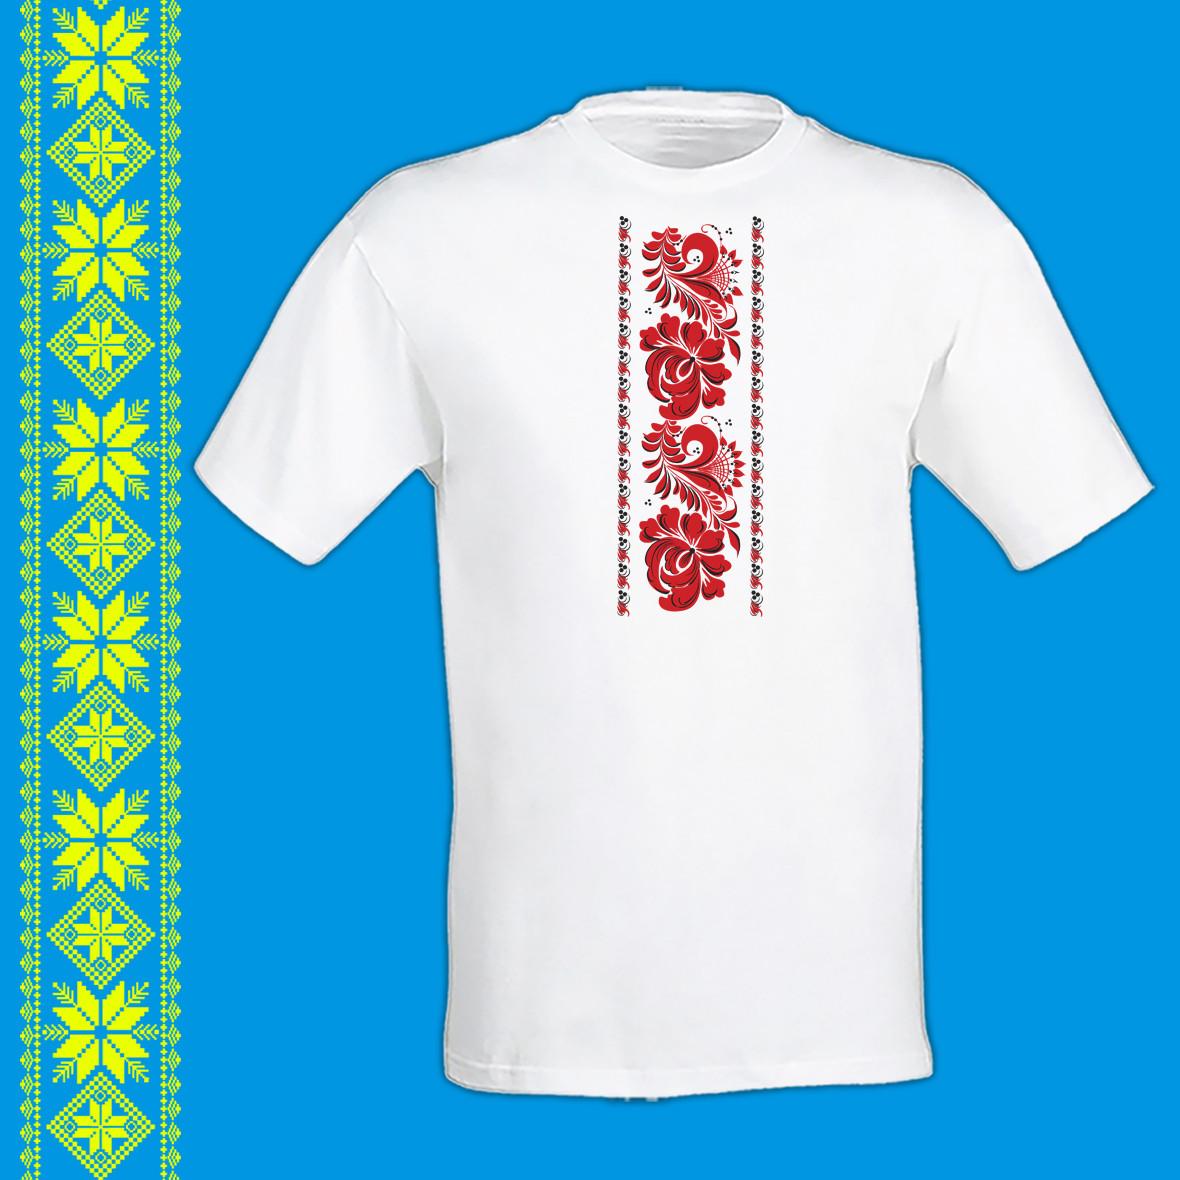 """Чоловіча футболка - вишиванка з принтом """"Петриківський розпис (червона)"""" Push IT S, Білий"""